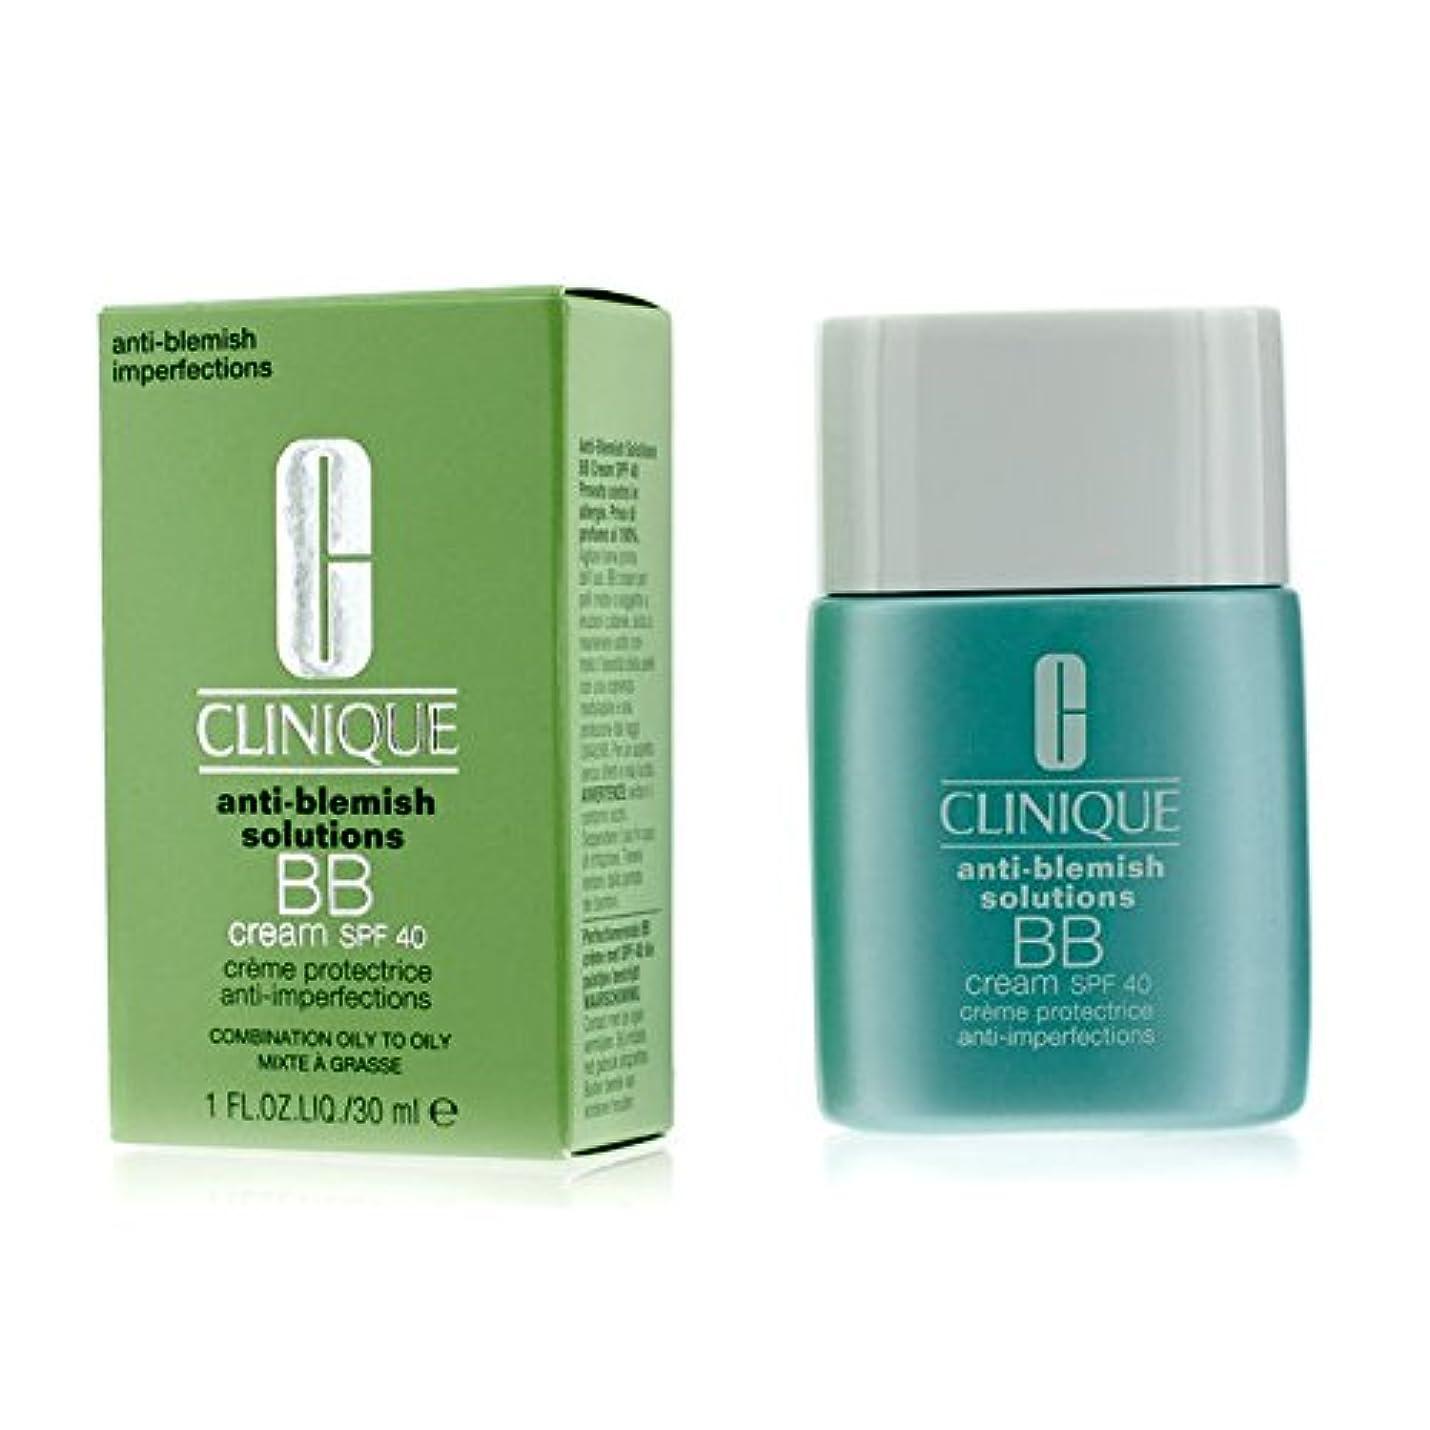 歴史美徳事実クリニーク Anti-Blemish Solutions BB Cream SPF 40 - Light Medium (Combination Oily to Oily) 30ml/1oz並行輸入品